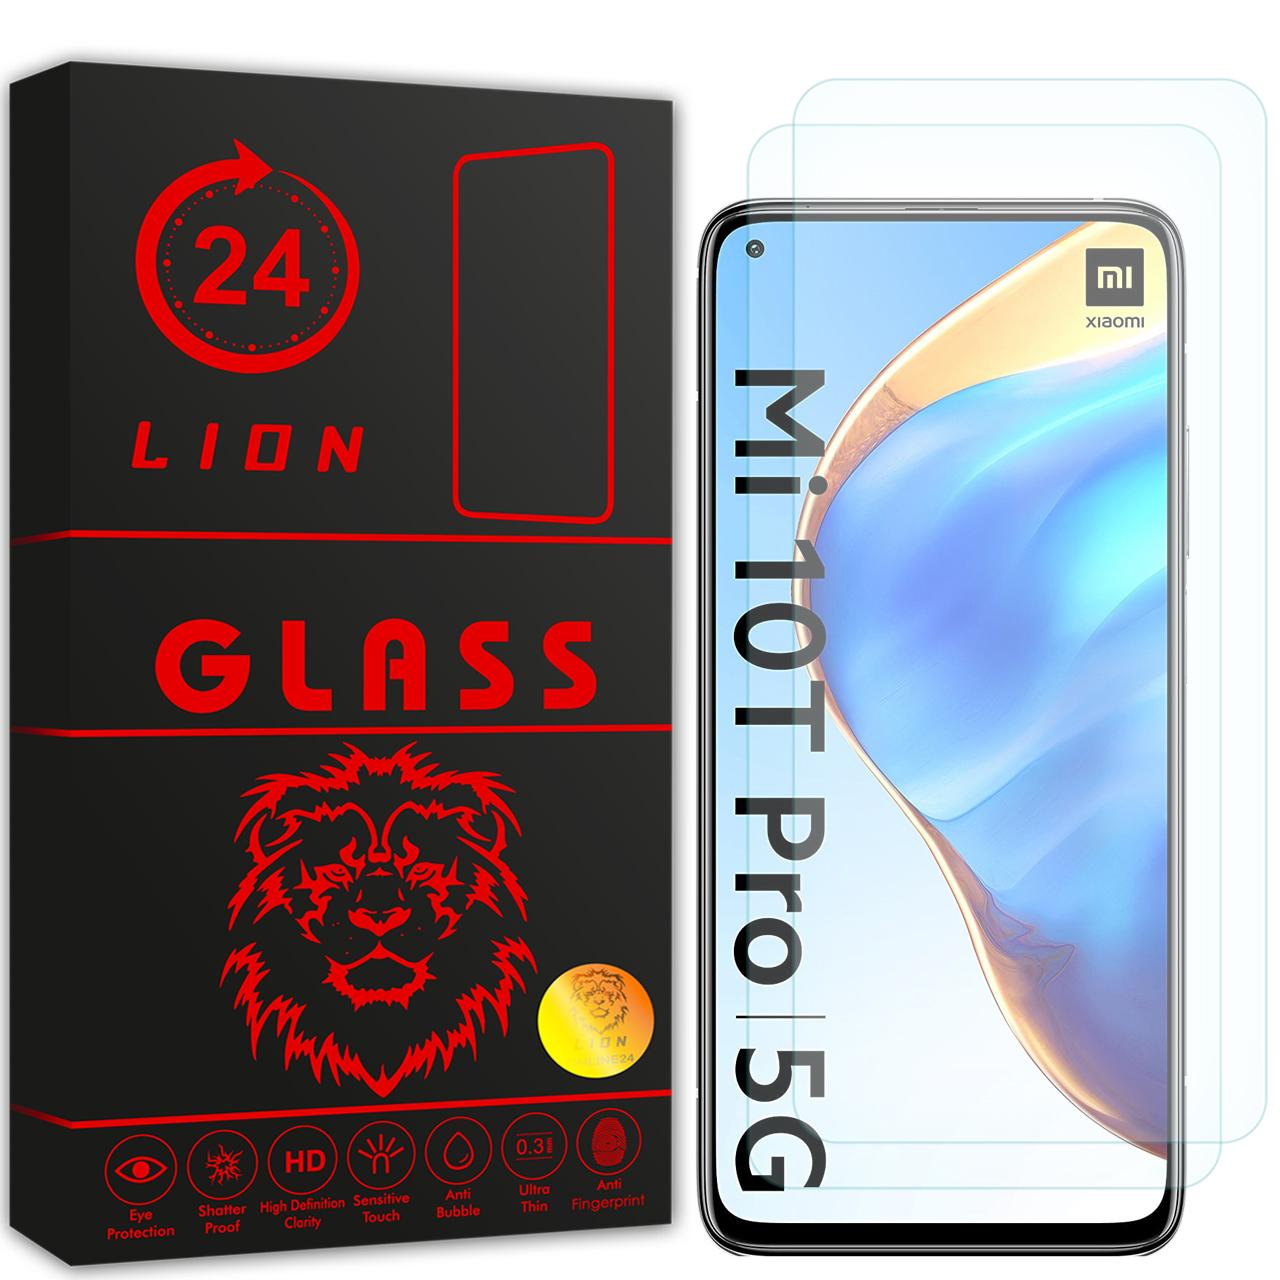 محافظ صفحه نمایش لاین مدل RB007 مناسب برای گوشی موبایل شیائومی Mi 10T Pro 5G بسته دو عددی